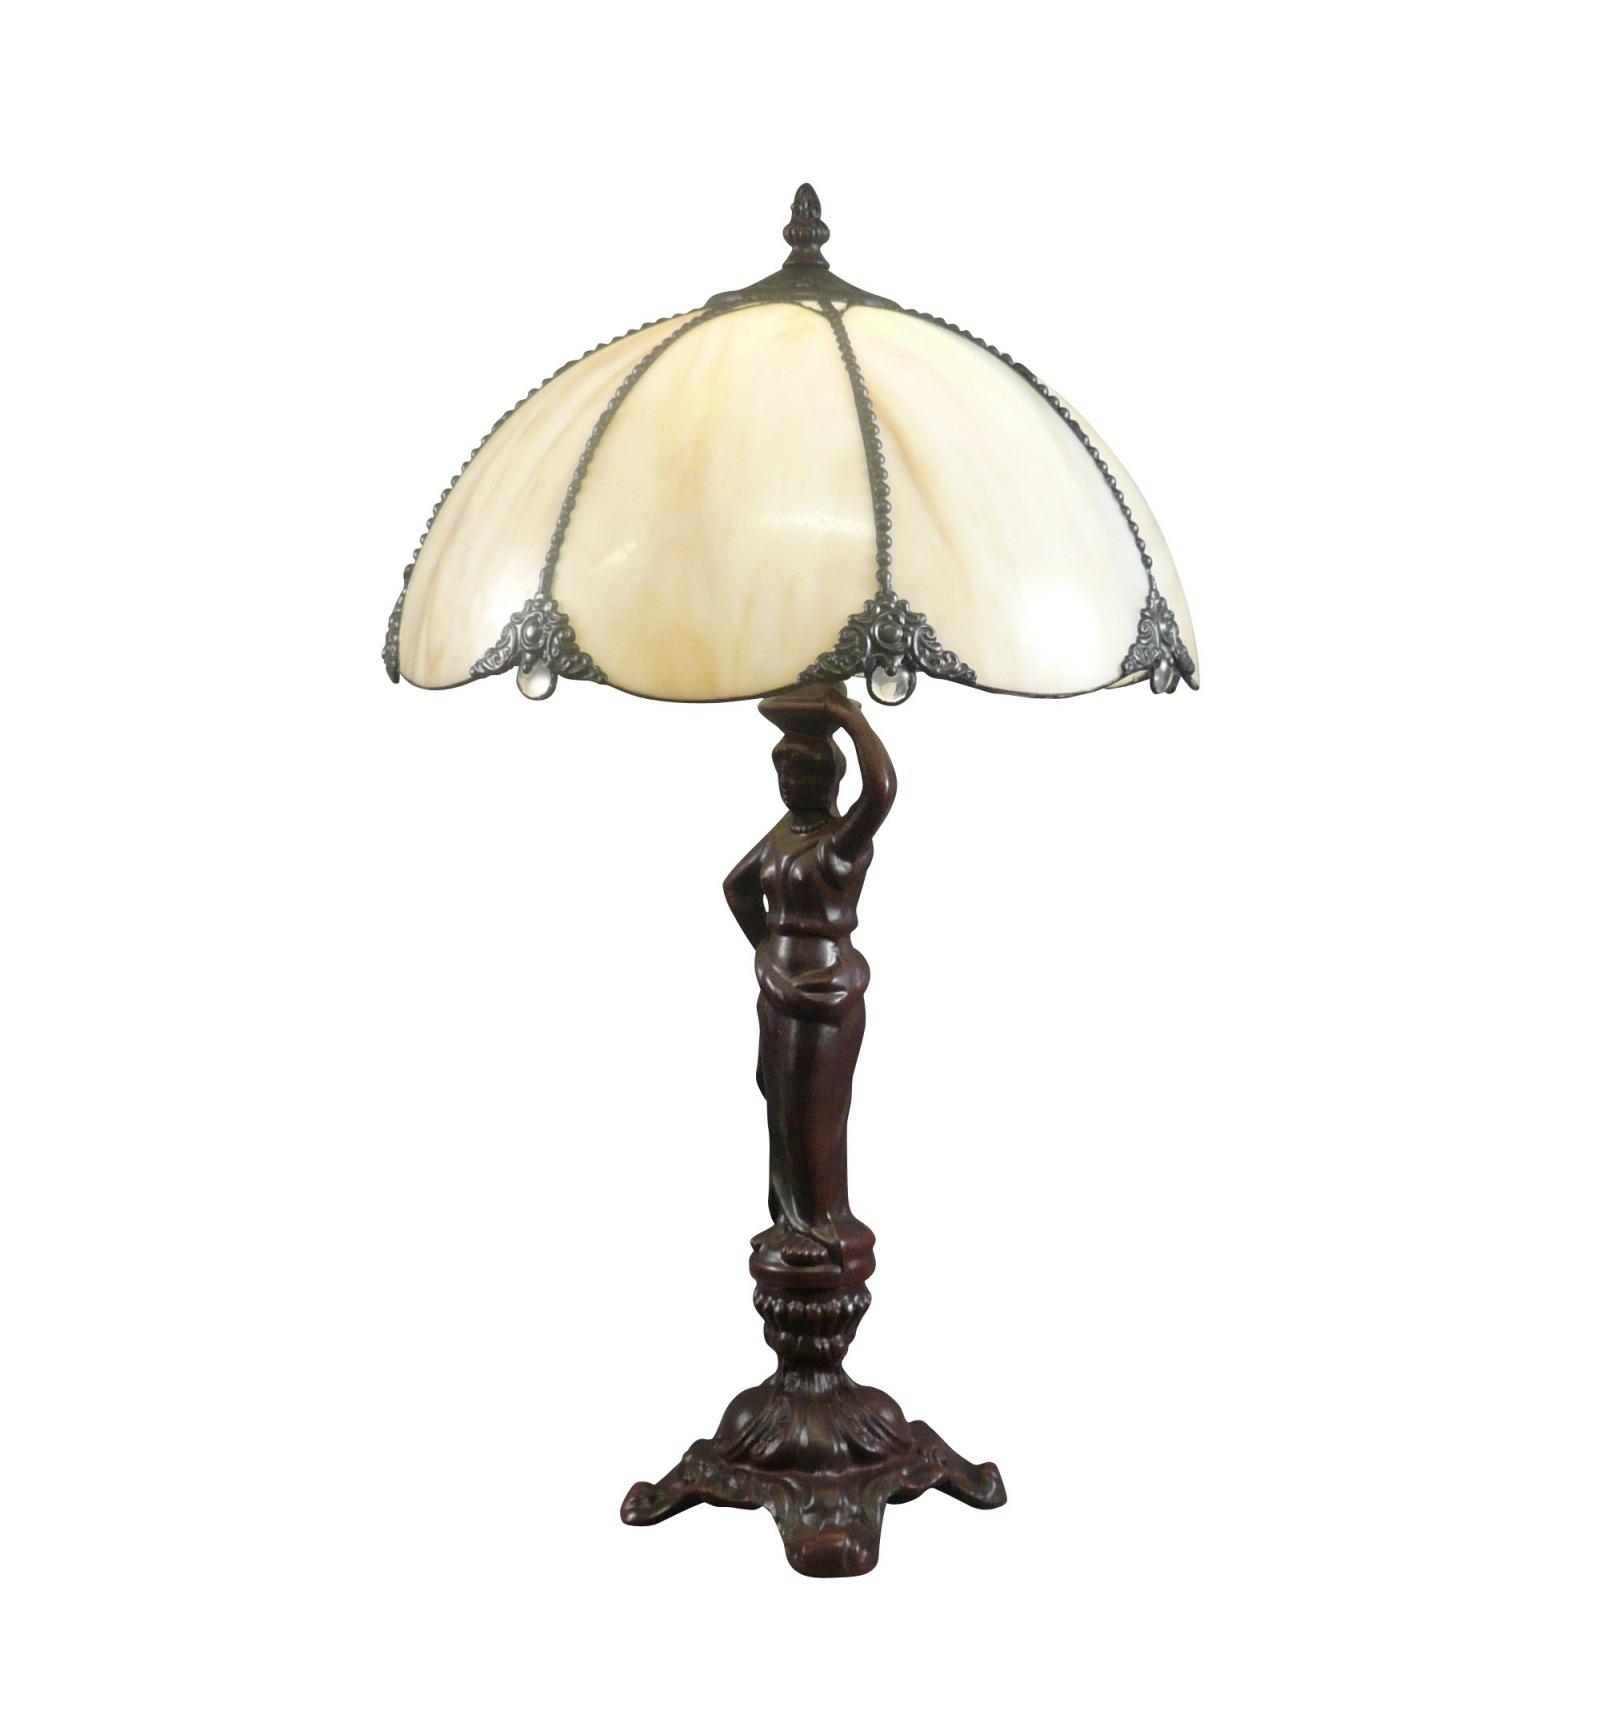 Wonderlijk Lamp Tiffany vrouw - Inrichtingen glas IM-64